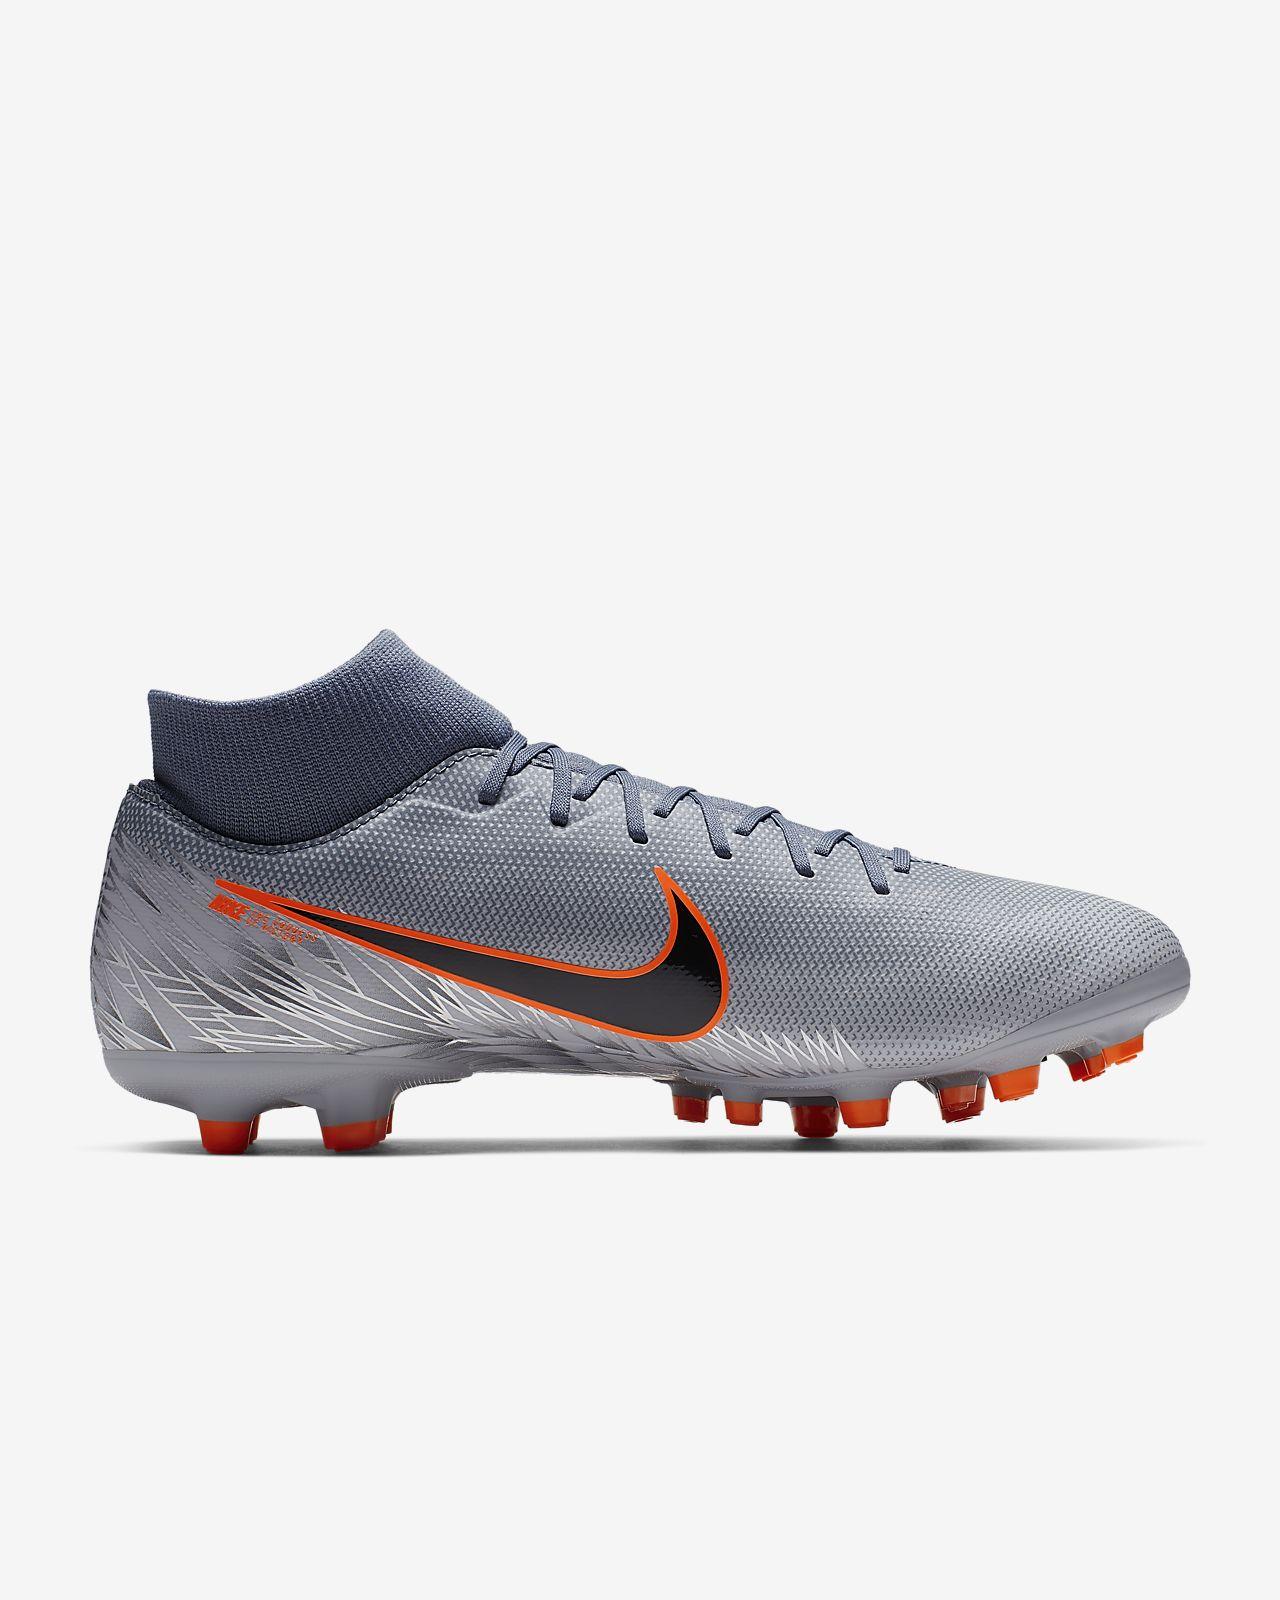 super popular d48c0 9005d ... Nike Mercurial Superfly 6 Academy MG Voetbalschoen (meerdere  ondergronden)